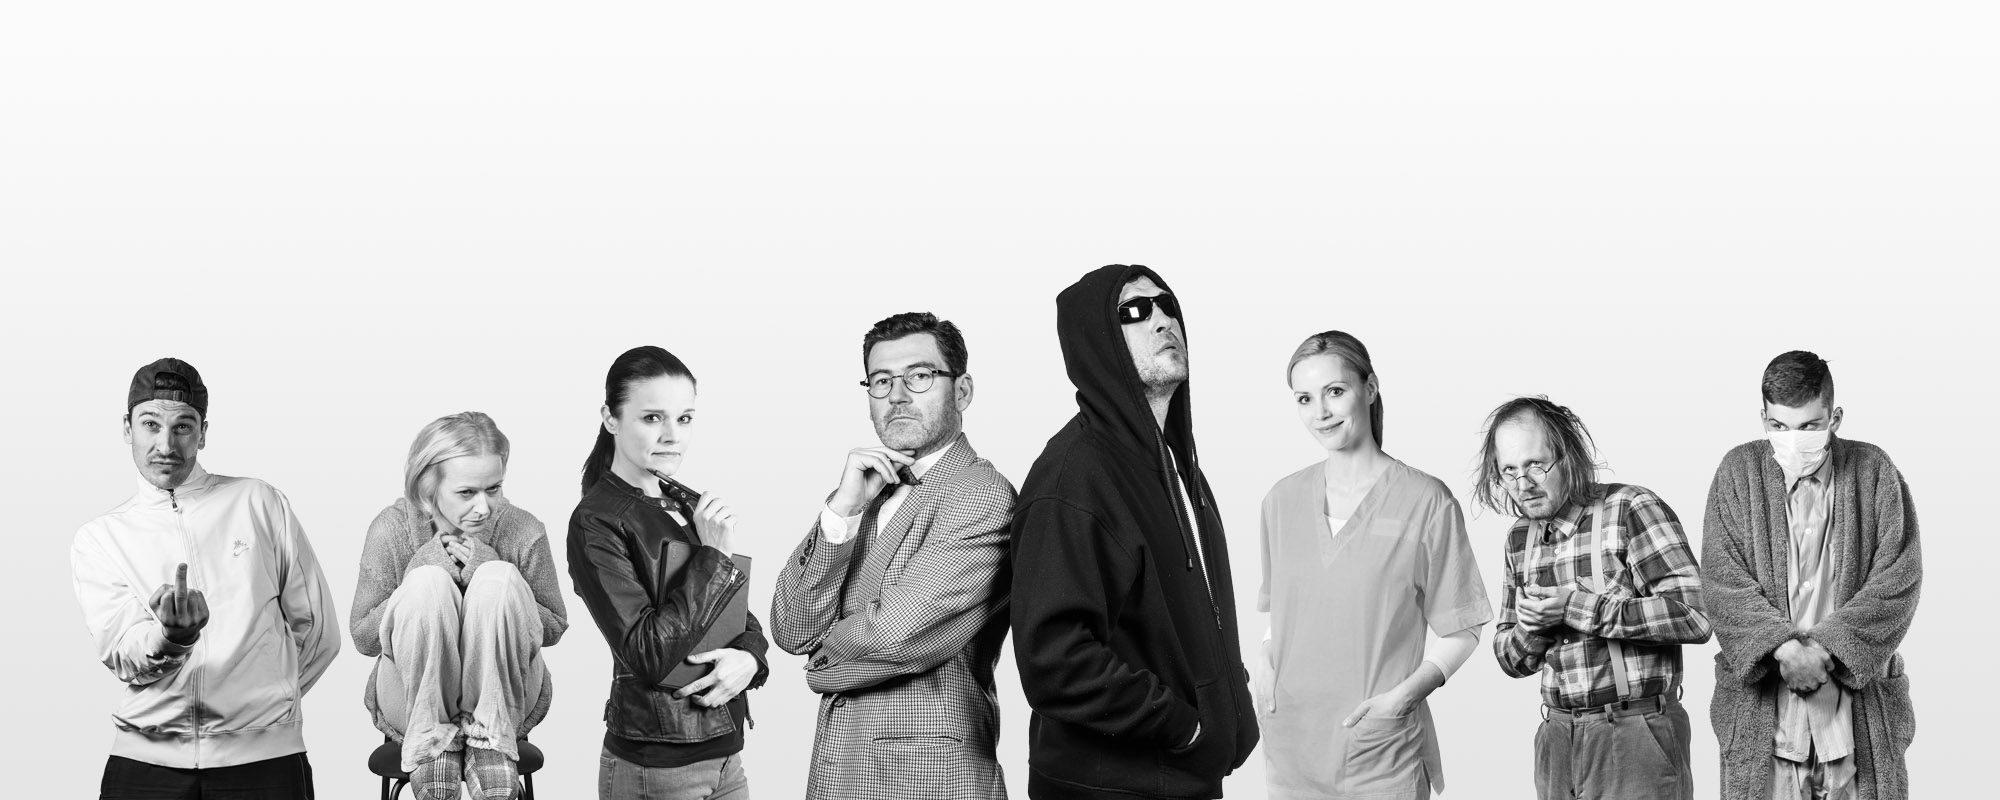 K-PAX, Svět podle Prota: hrají Radim Fiala, Petr Halberstadt, Markéta Plánková a další